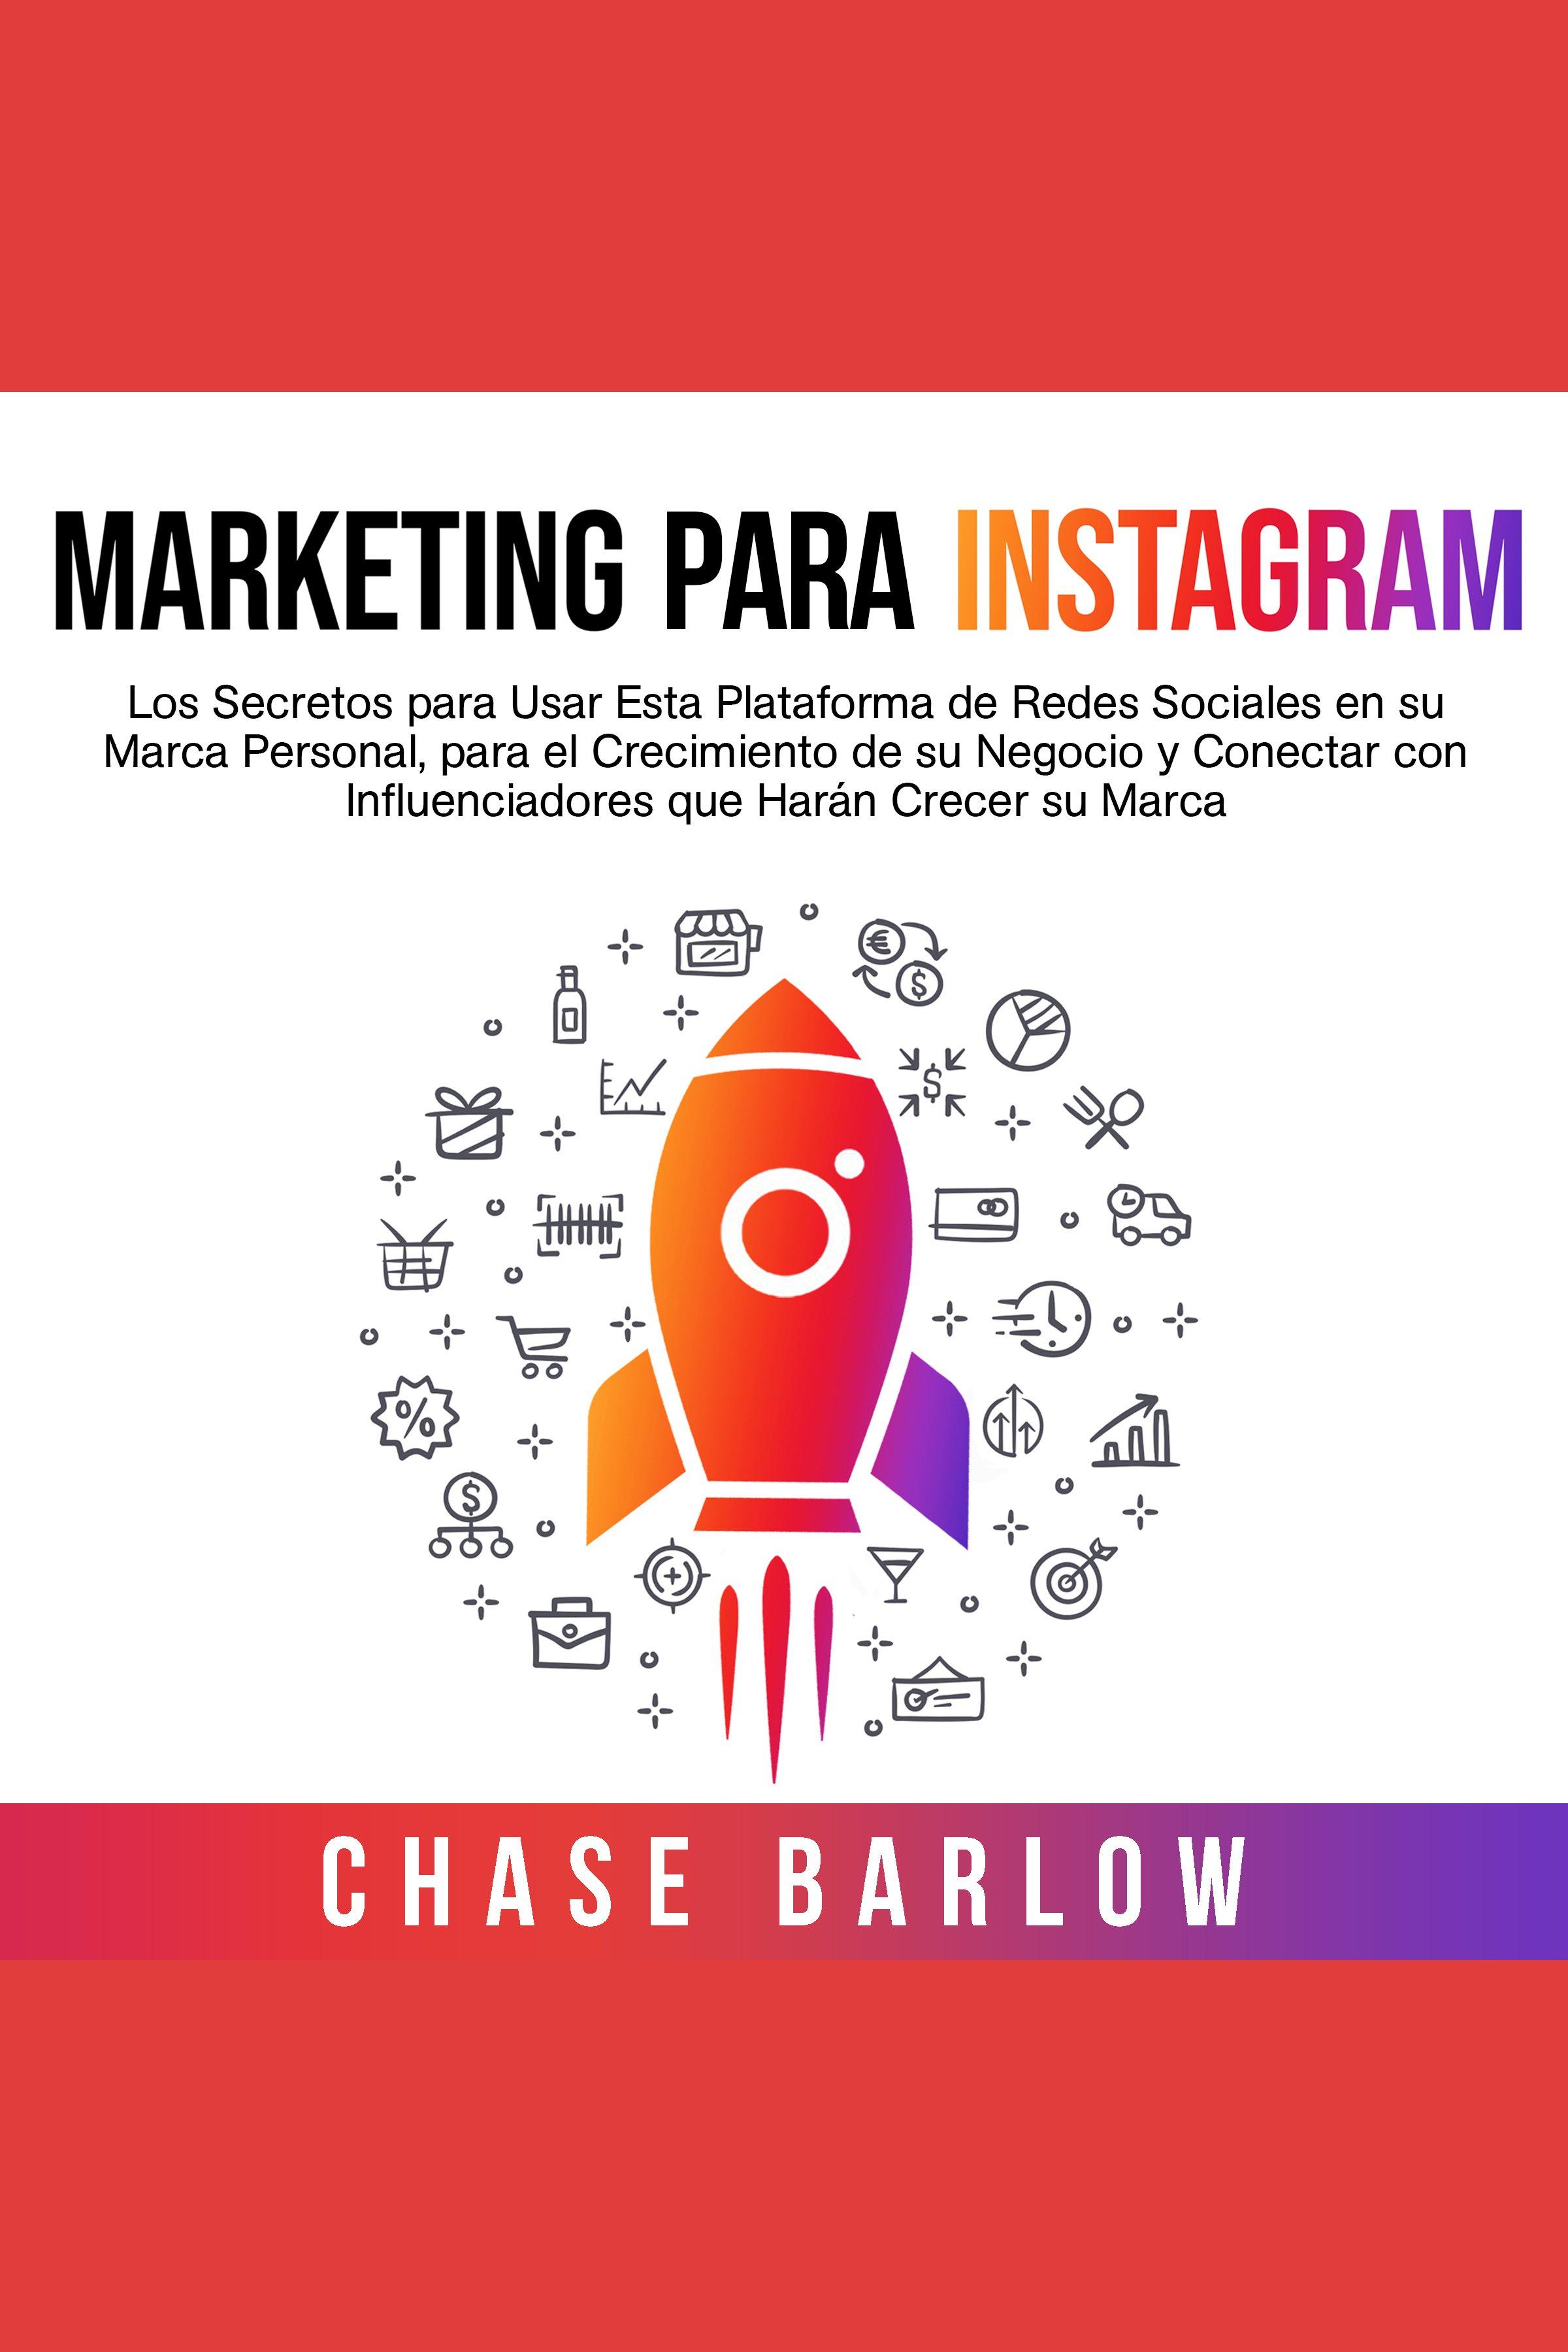 Esta es la portada del audiolibro Marketing para Instagram: Los secretos para usar esta plataforma de redes sociales en su marca personal, para el crecimiento de su negocio y conectar con influenciadores que harán crecer su marca